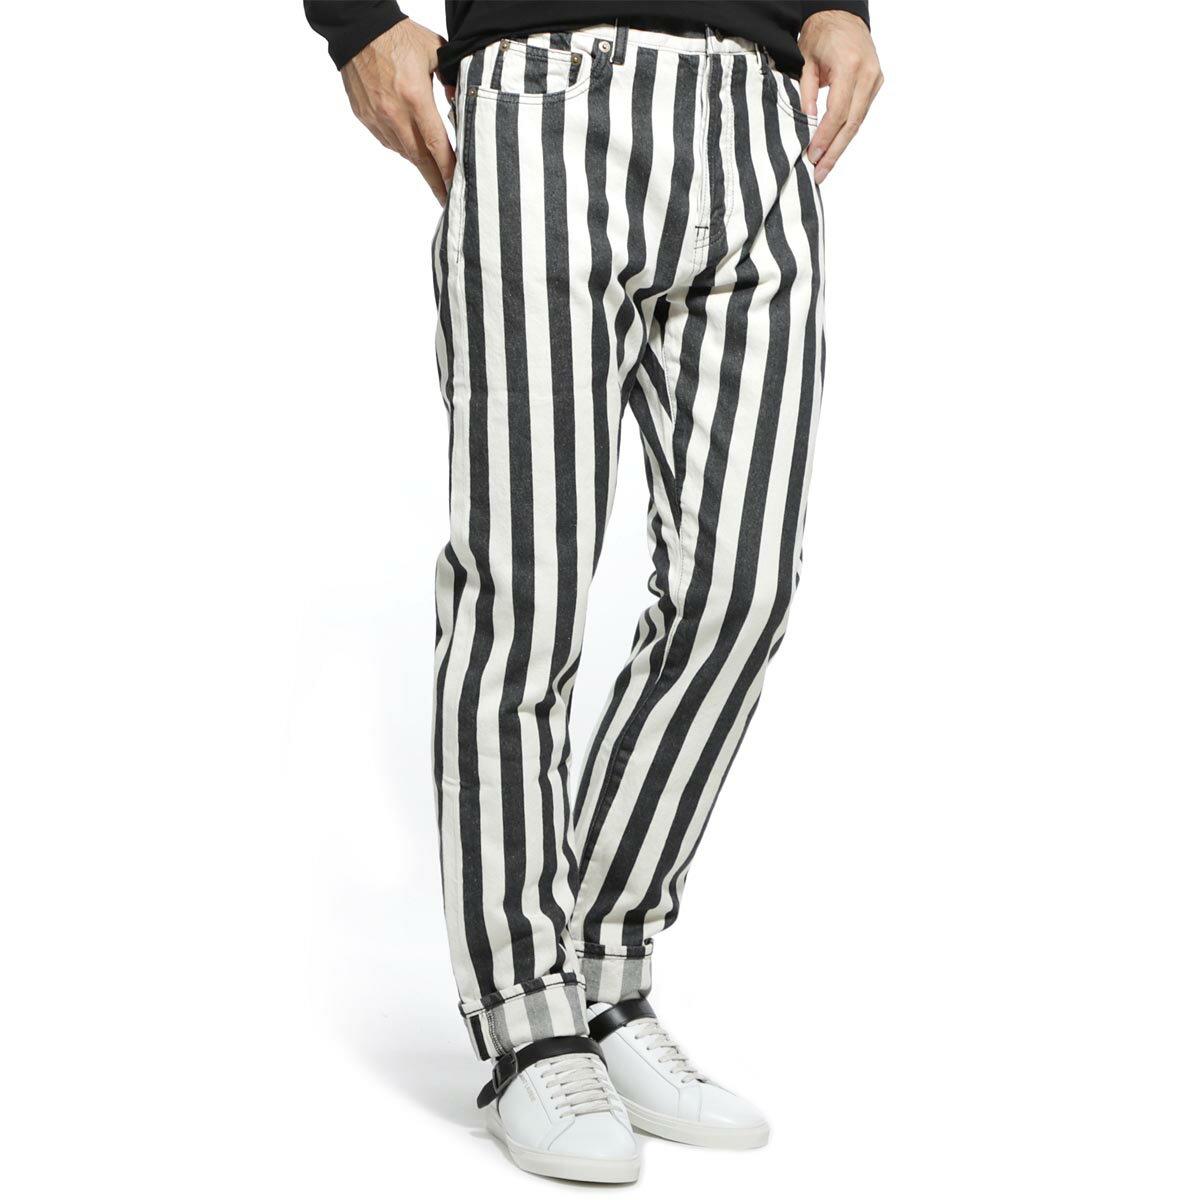 メンズファッション, ズボン・パンツ  SAINT LAURENT PARIS 584475 y523v 1041 STRAIGHT MEDIUM RISE DENIM